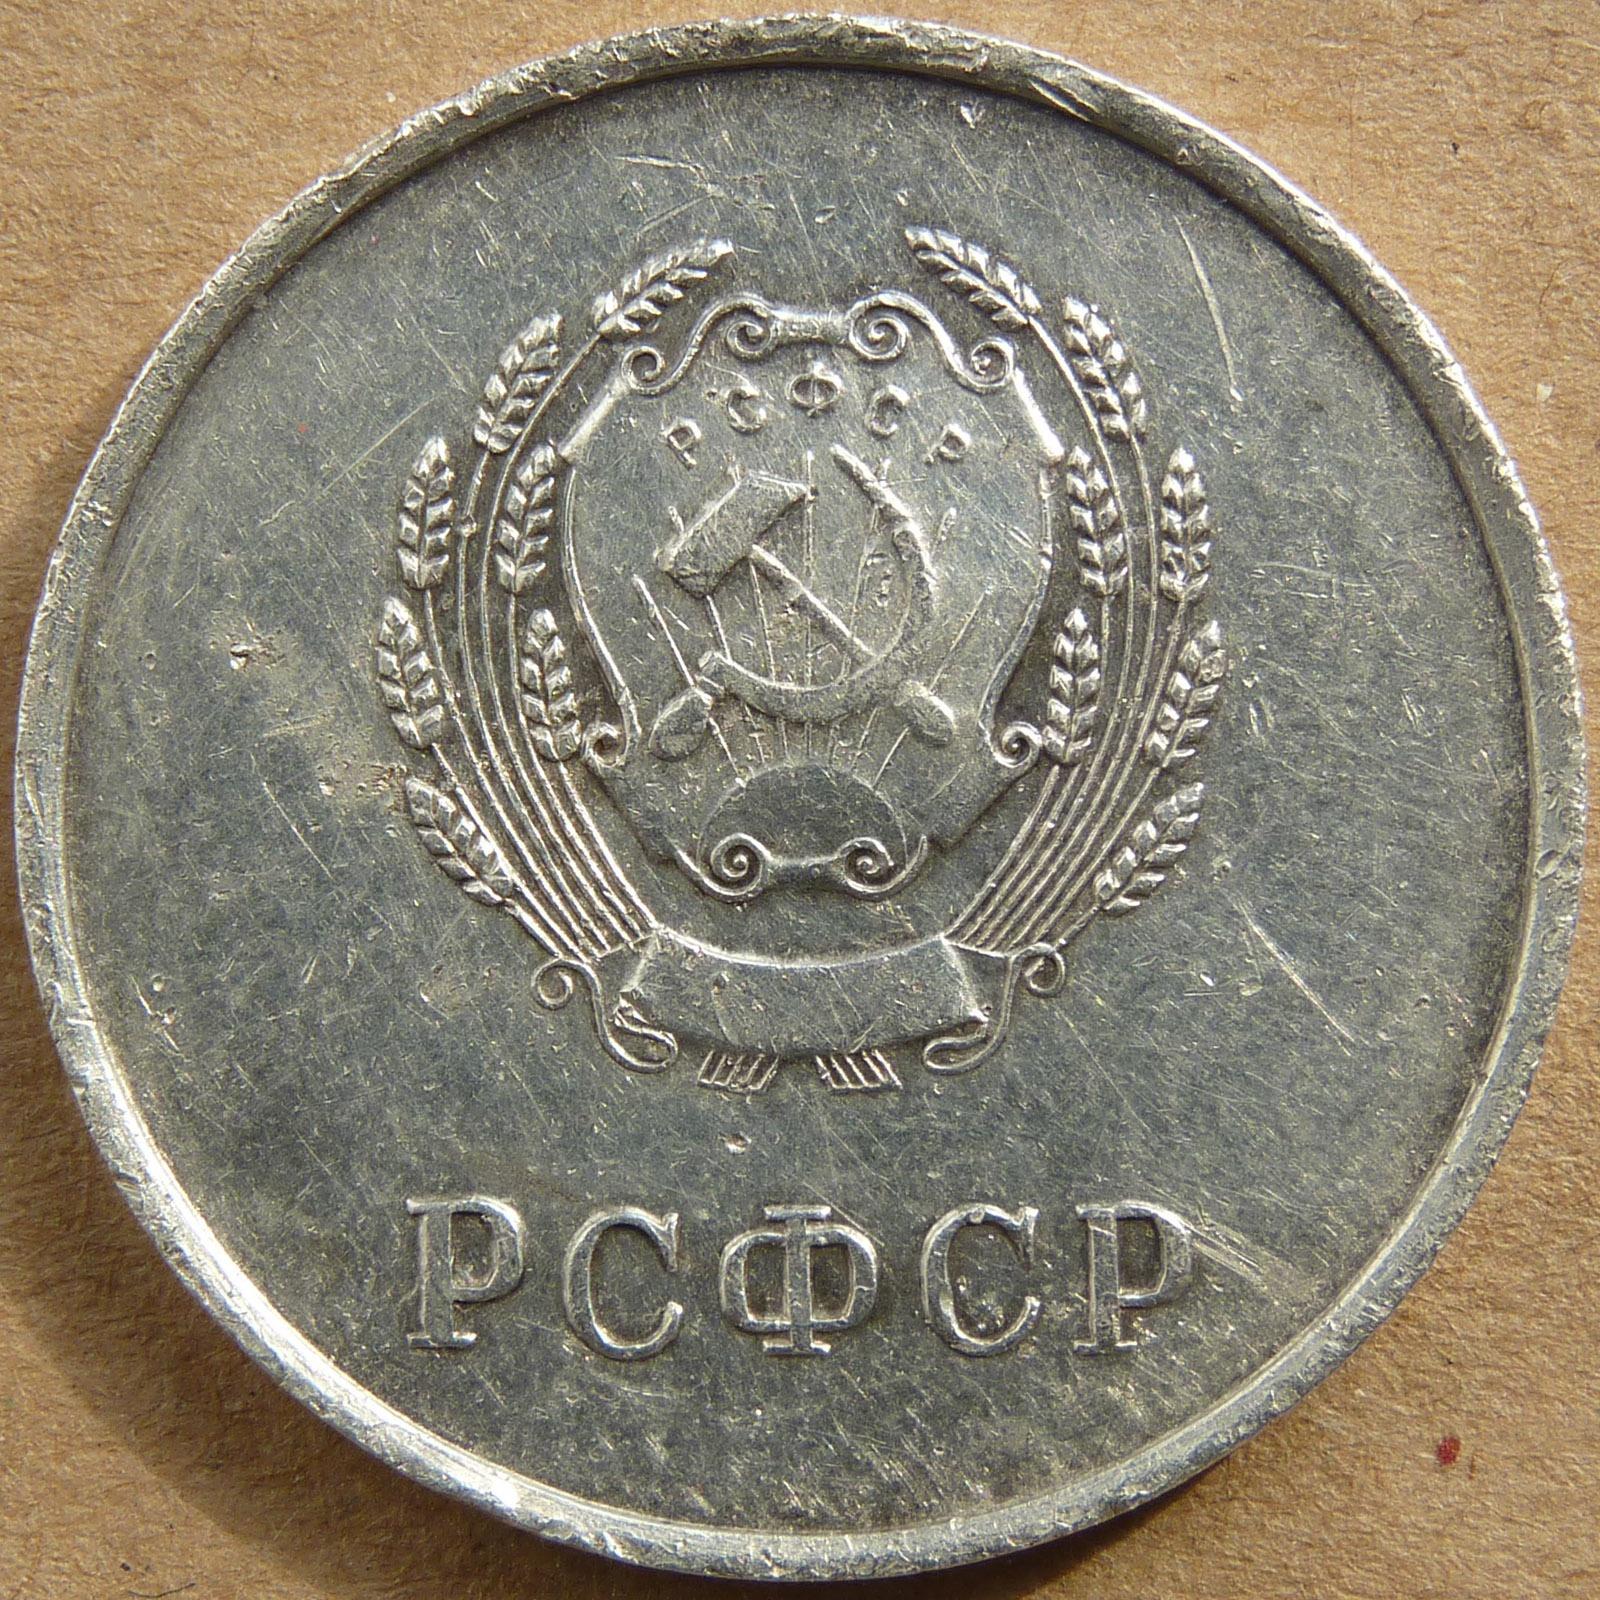 Школьная медаль Ag 1945 аверс копия.jpg